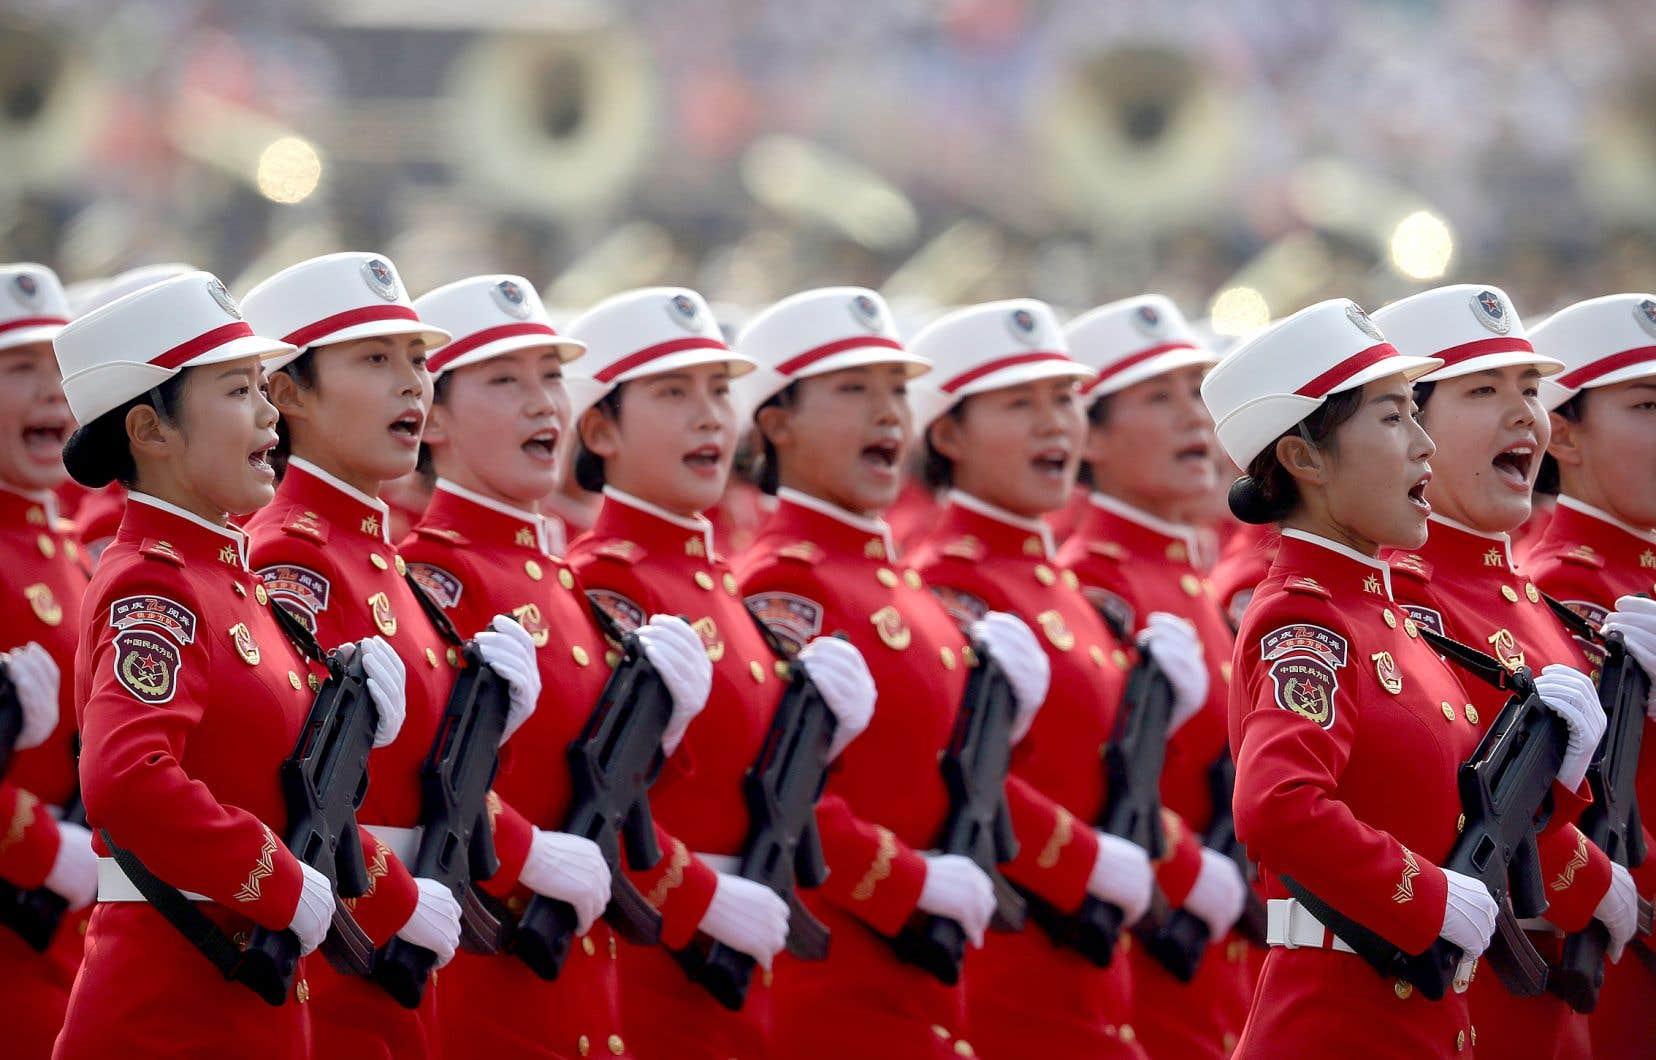 Des miliciennes ont paradé à Pékin, mardi, dans une grande démonstration de force orchestrée pour le 70e anniversaire du régime communiste chinois.